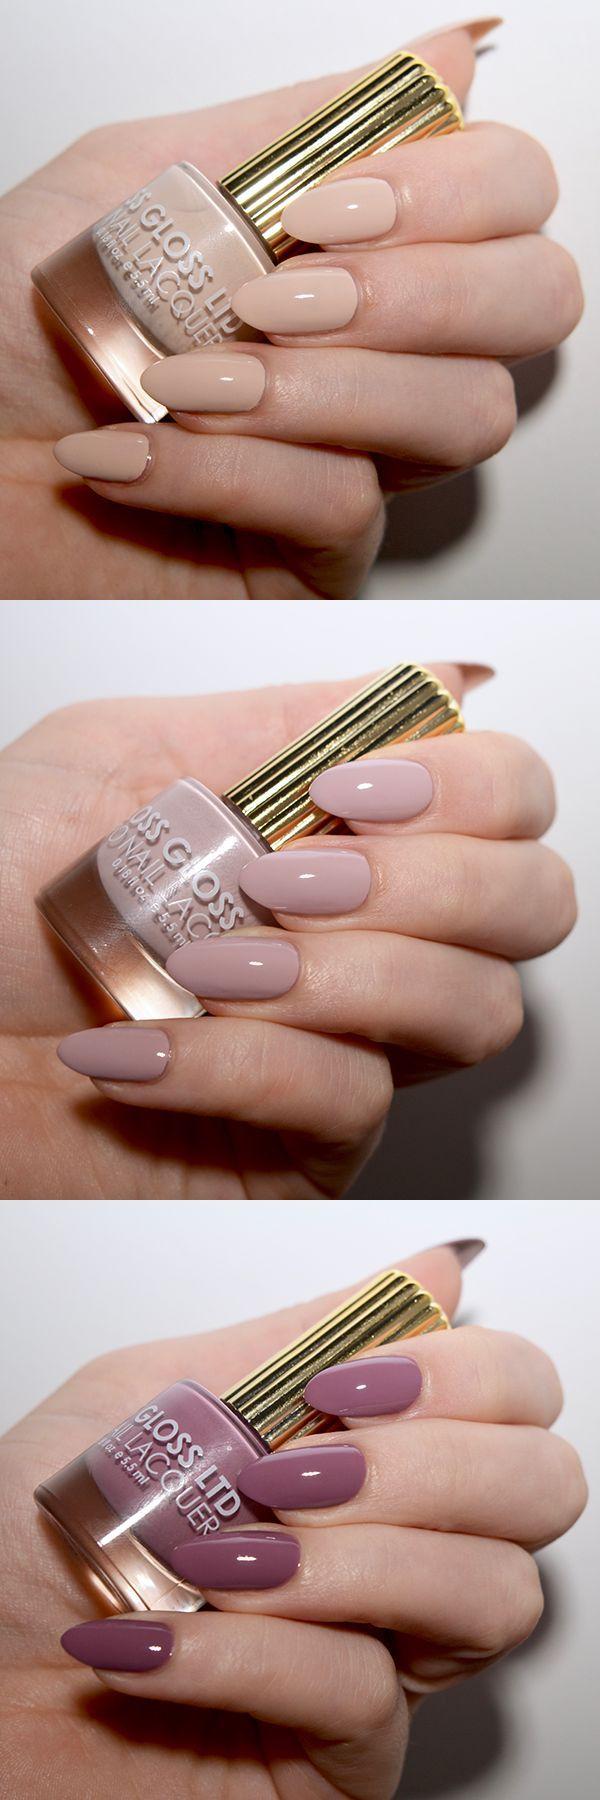 floss gloss nail polish shades